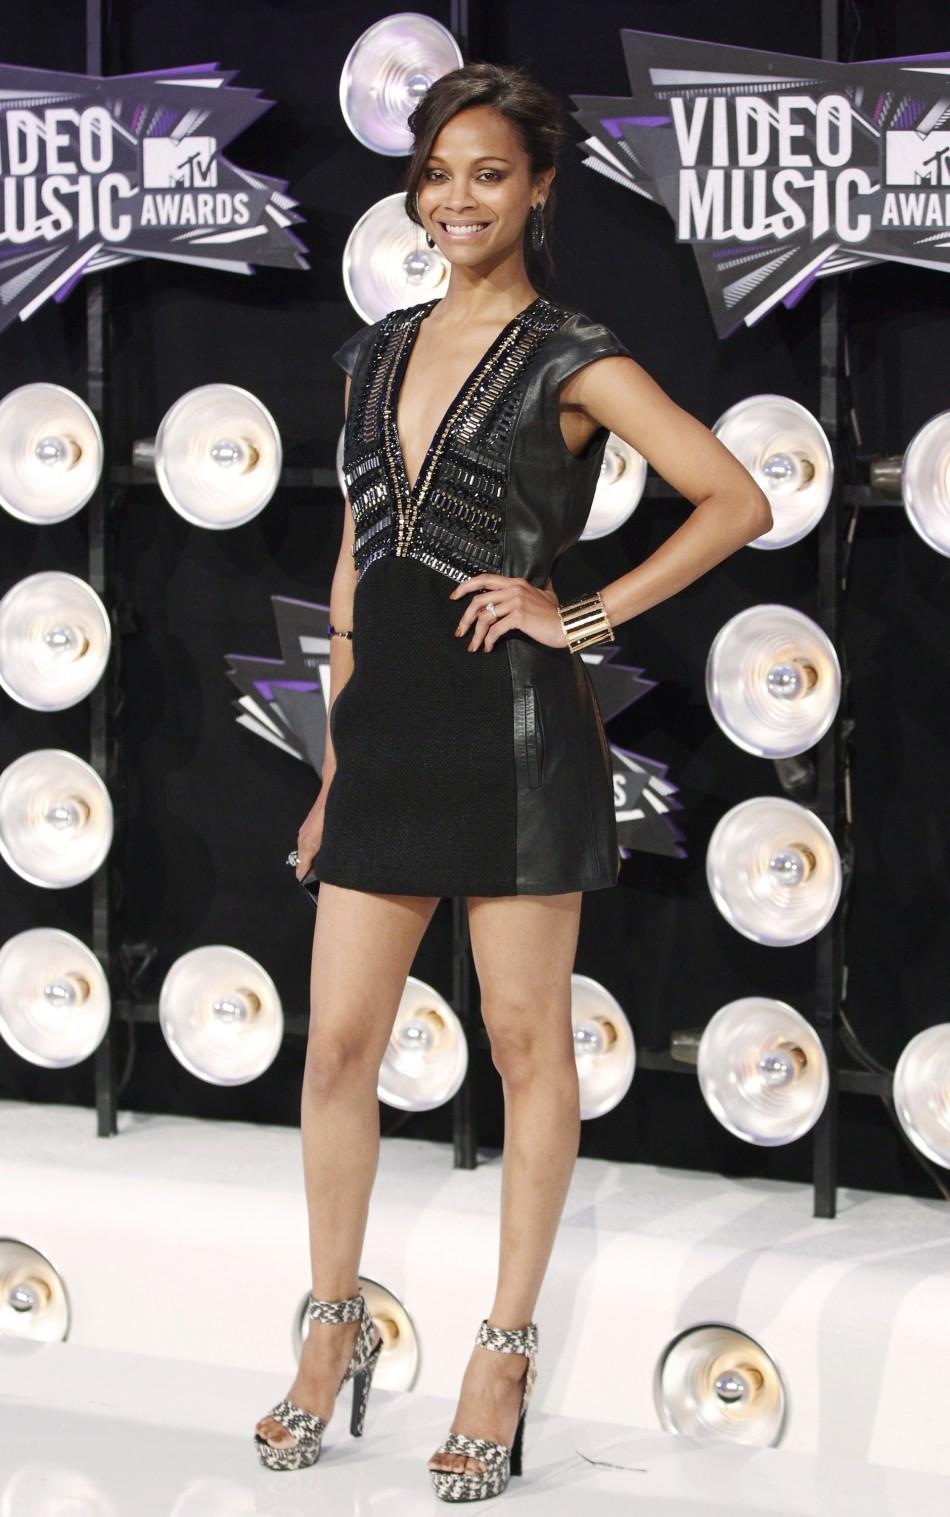 9.Zoe Saldana